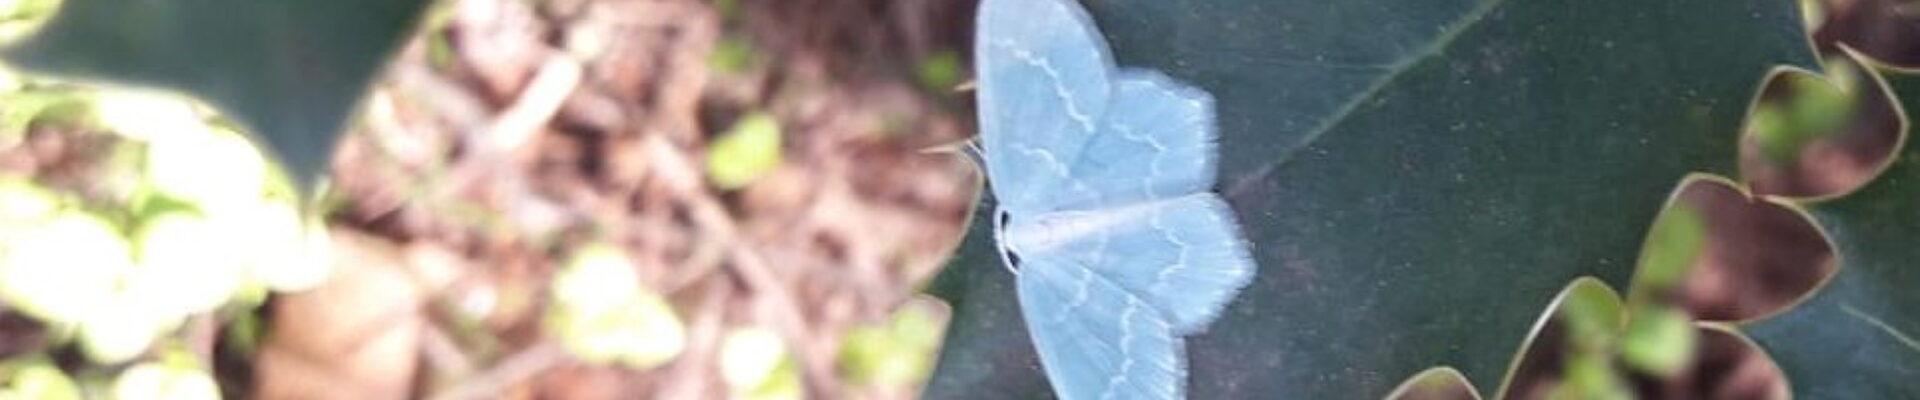 Spaansgroene zomervlinder op Blauwe bosbes